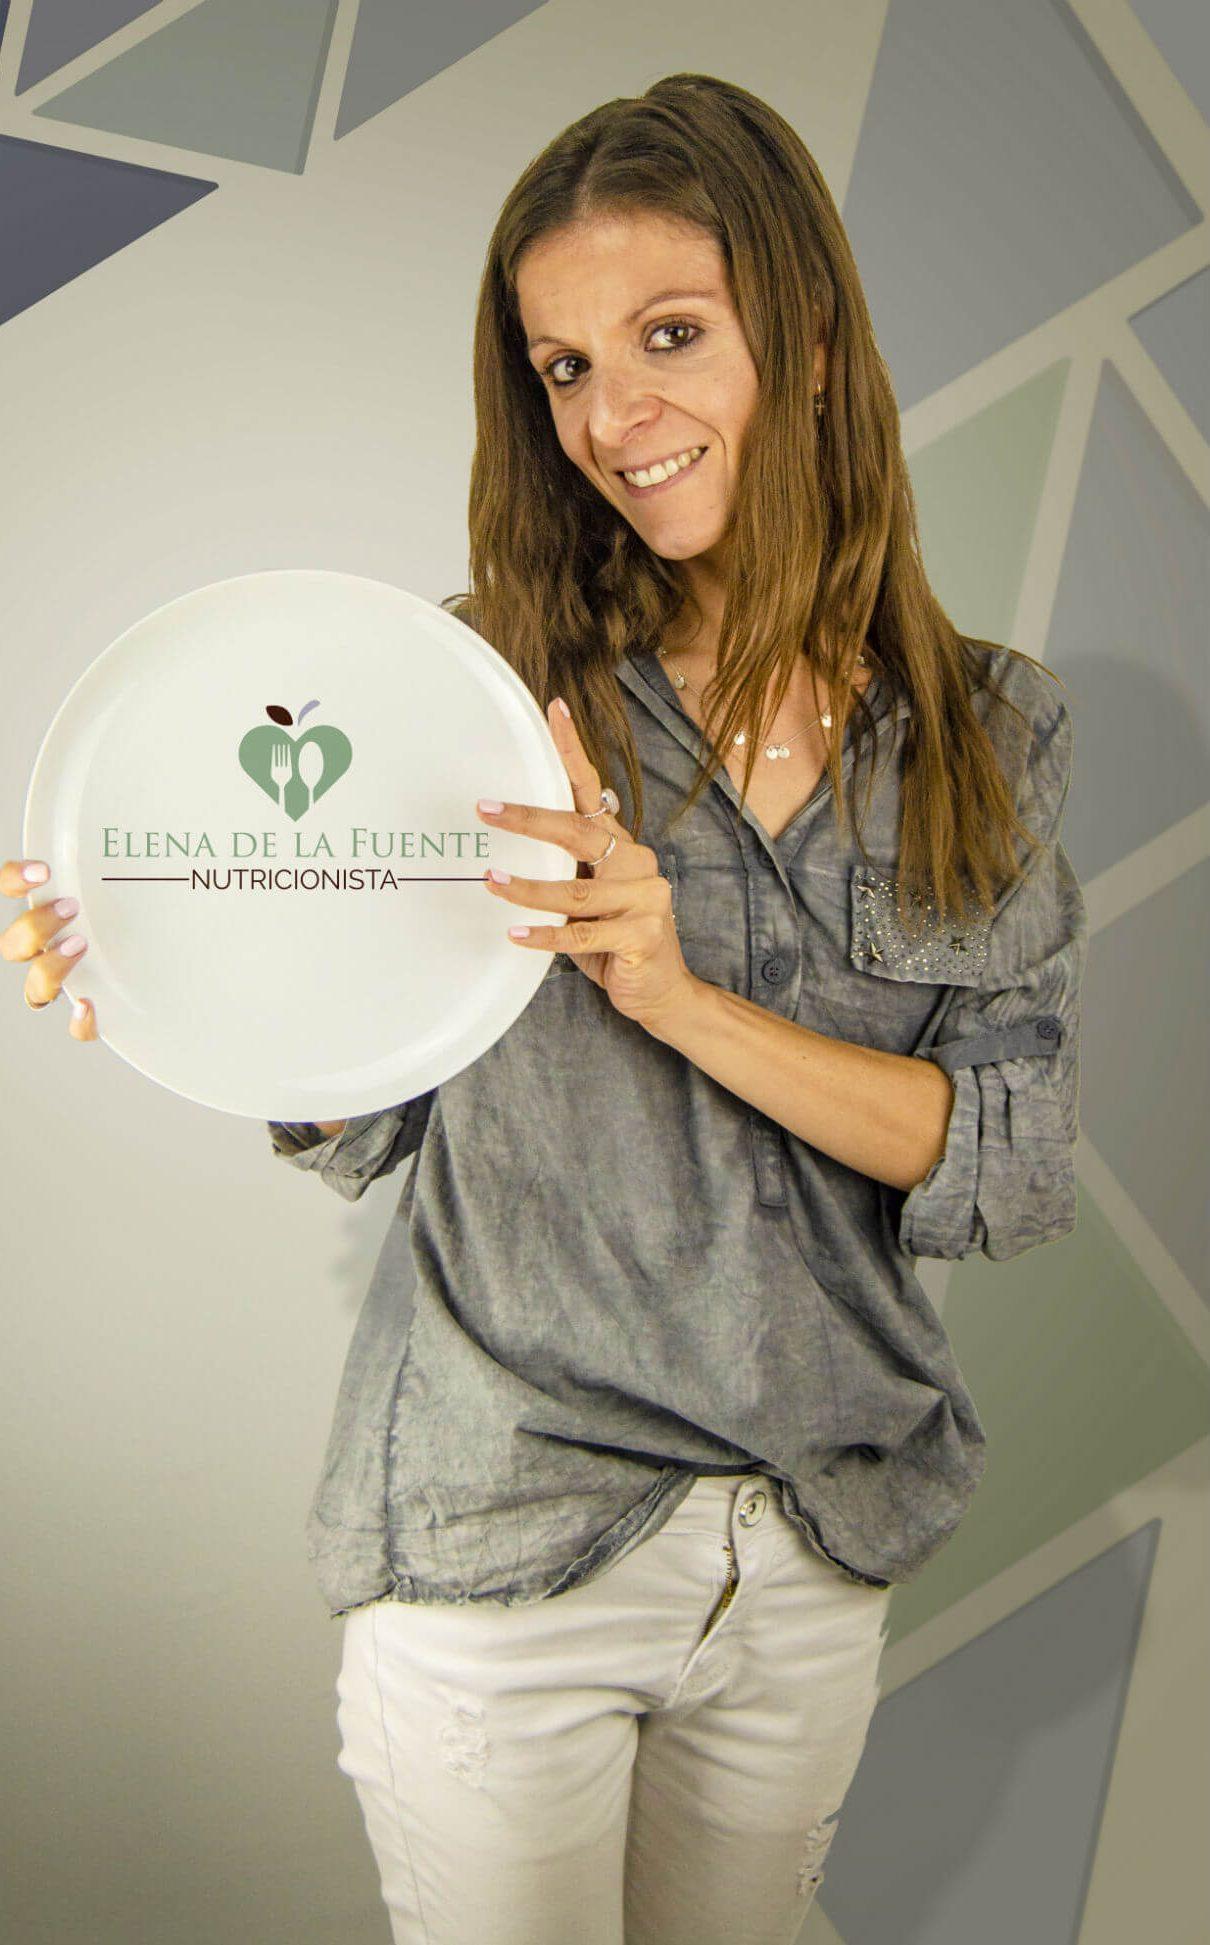 Nutricionista Elena de la Fuente plato